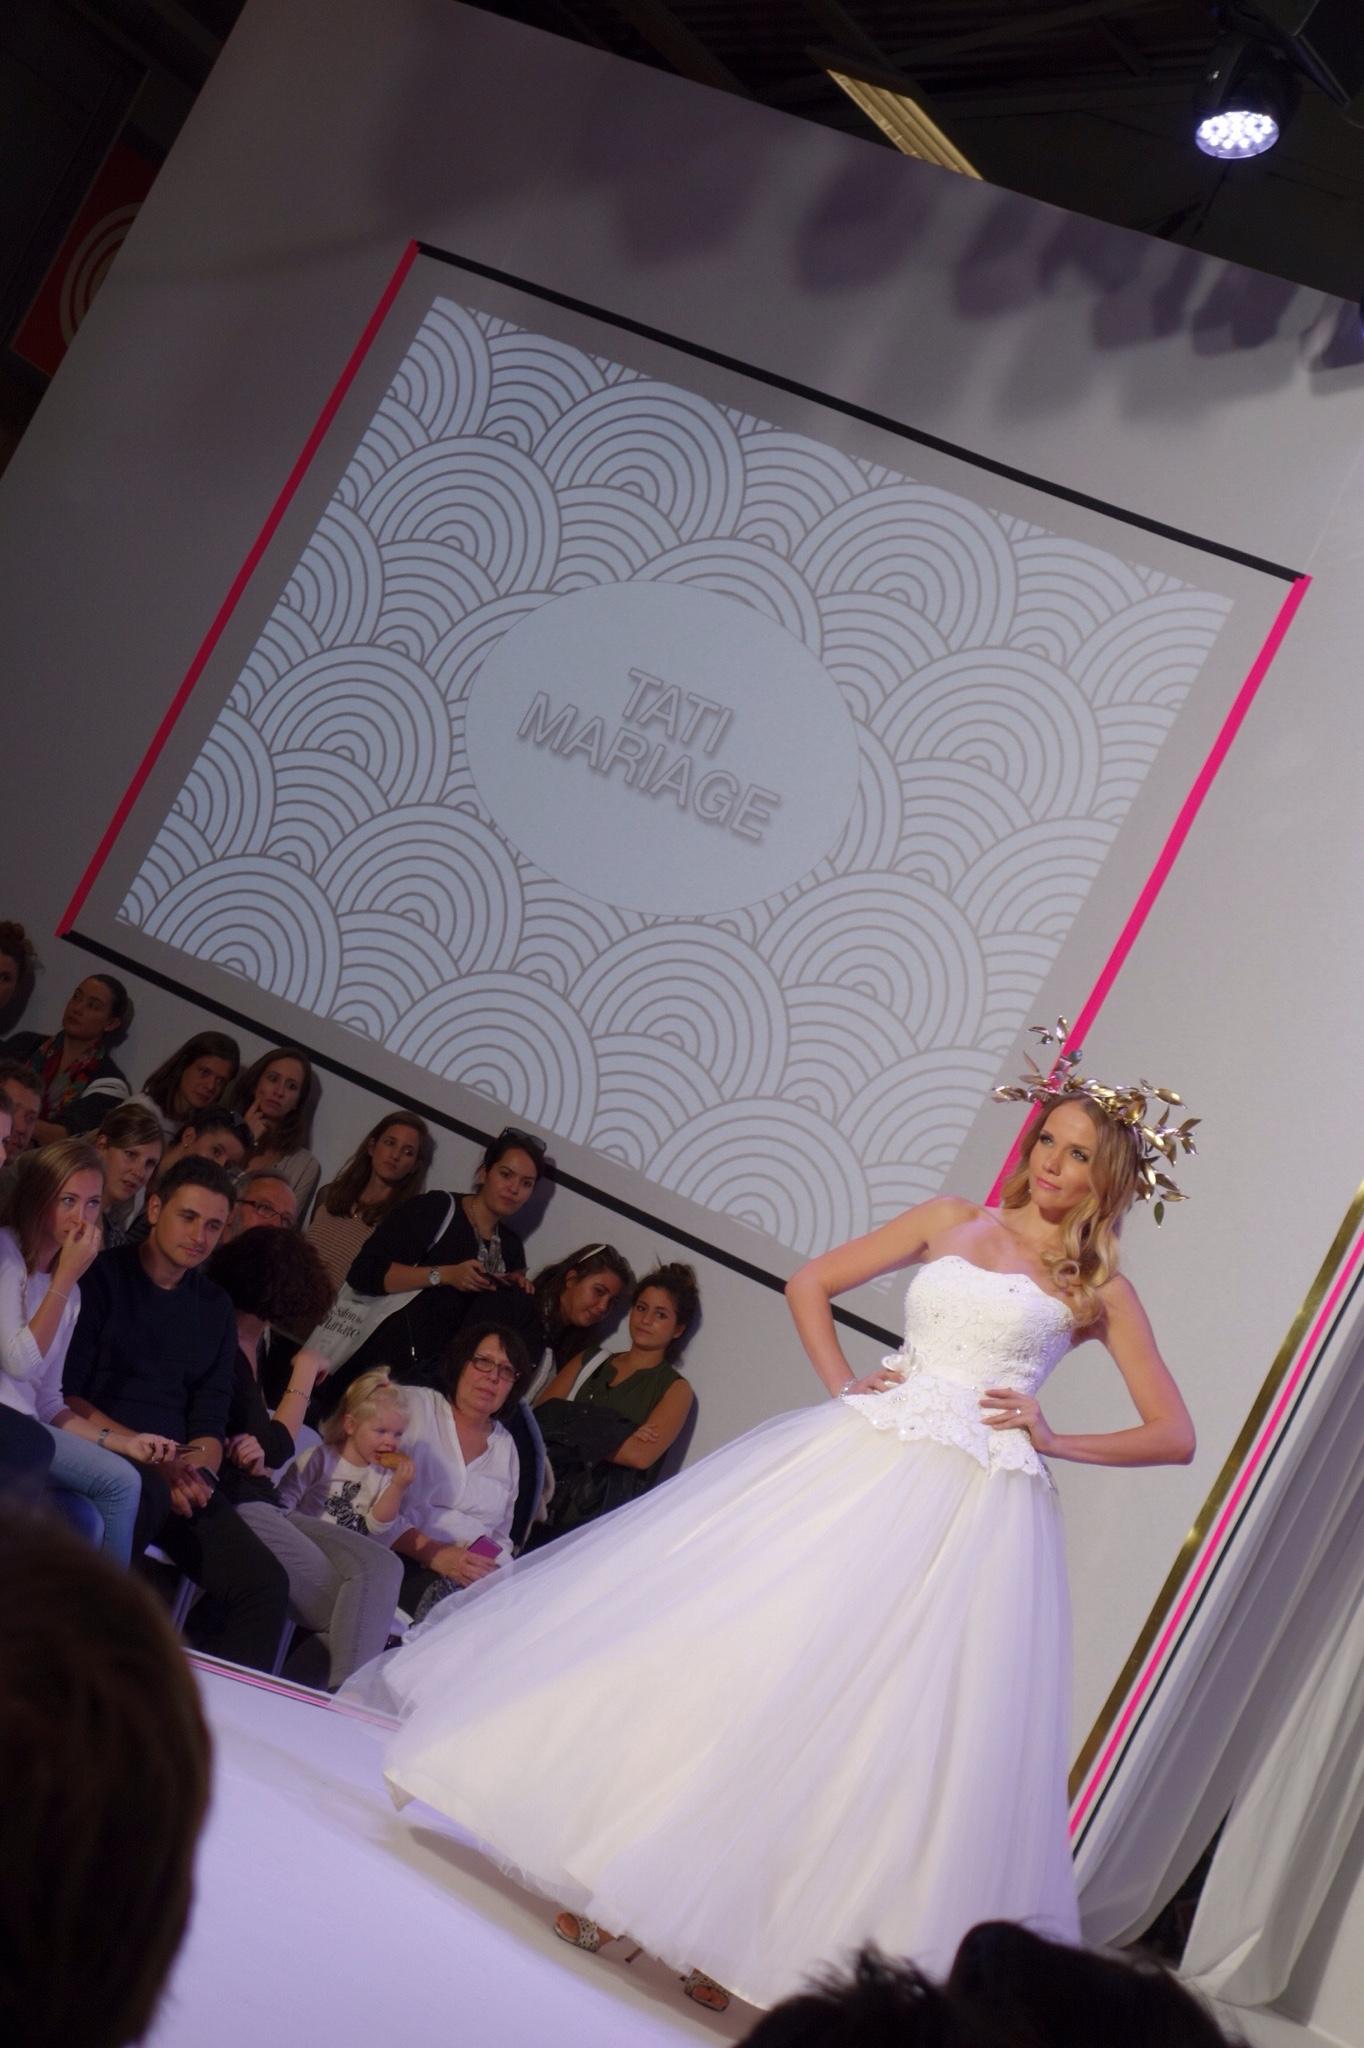 Le salon du mariage 2015 paris blog les folies d 39 alina - Salon du mariage oriental paris 2015 ...